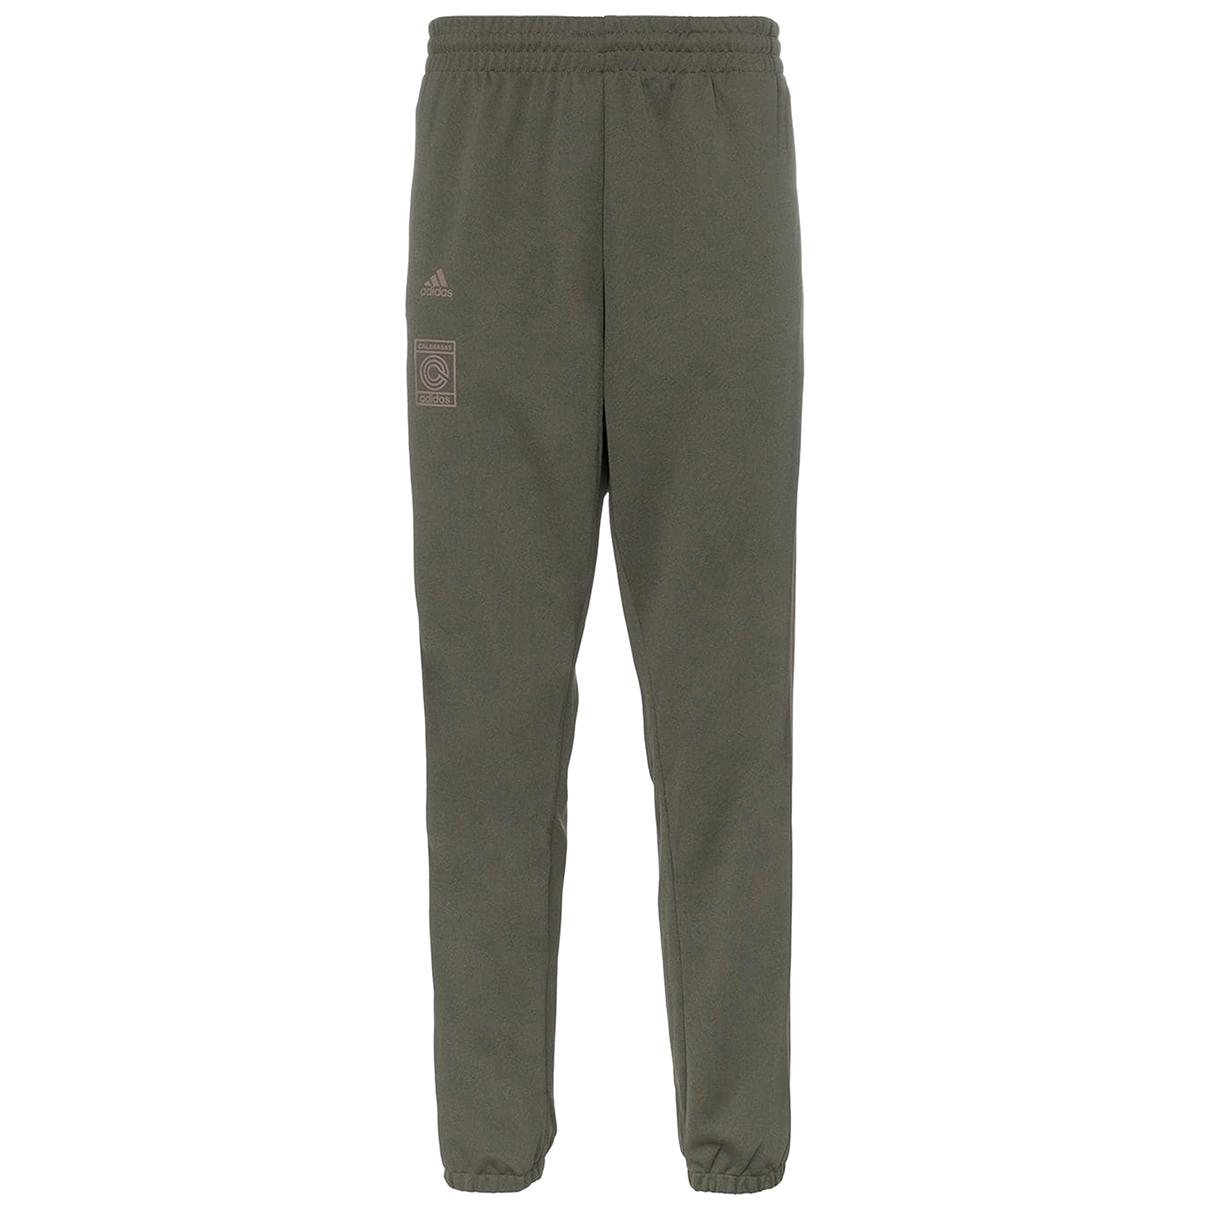 Yeezy X Adidas - Pantalon   pour femme - marron